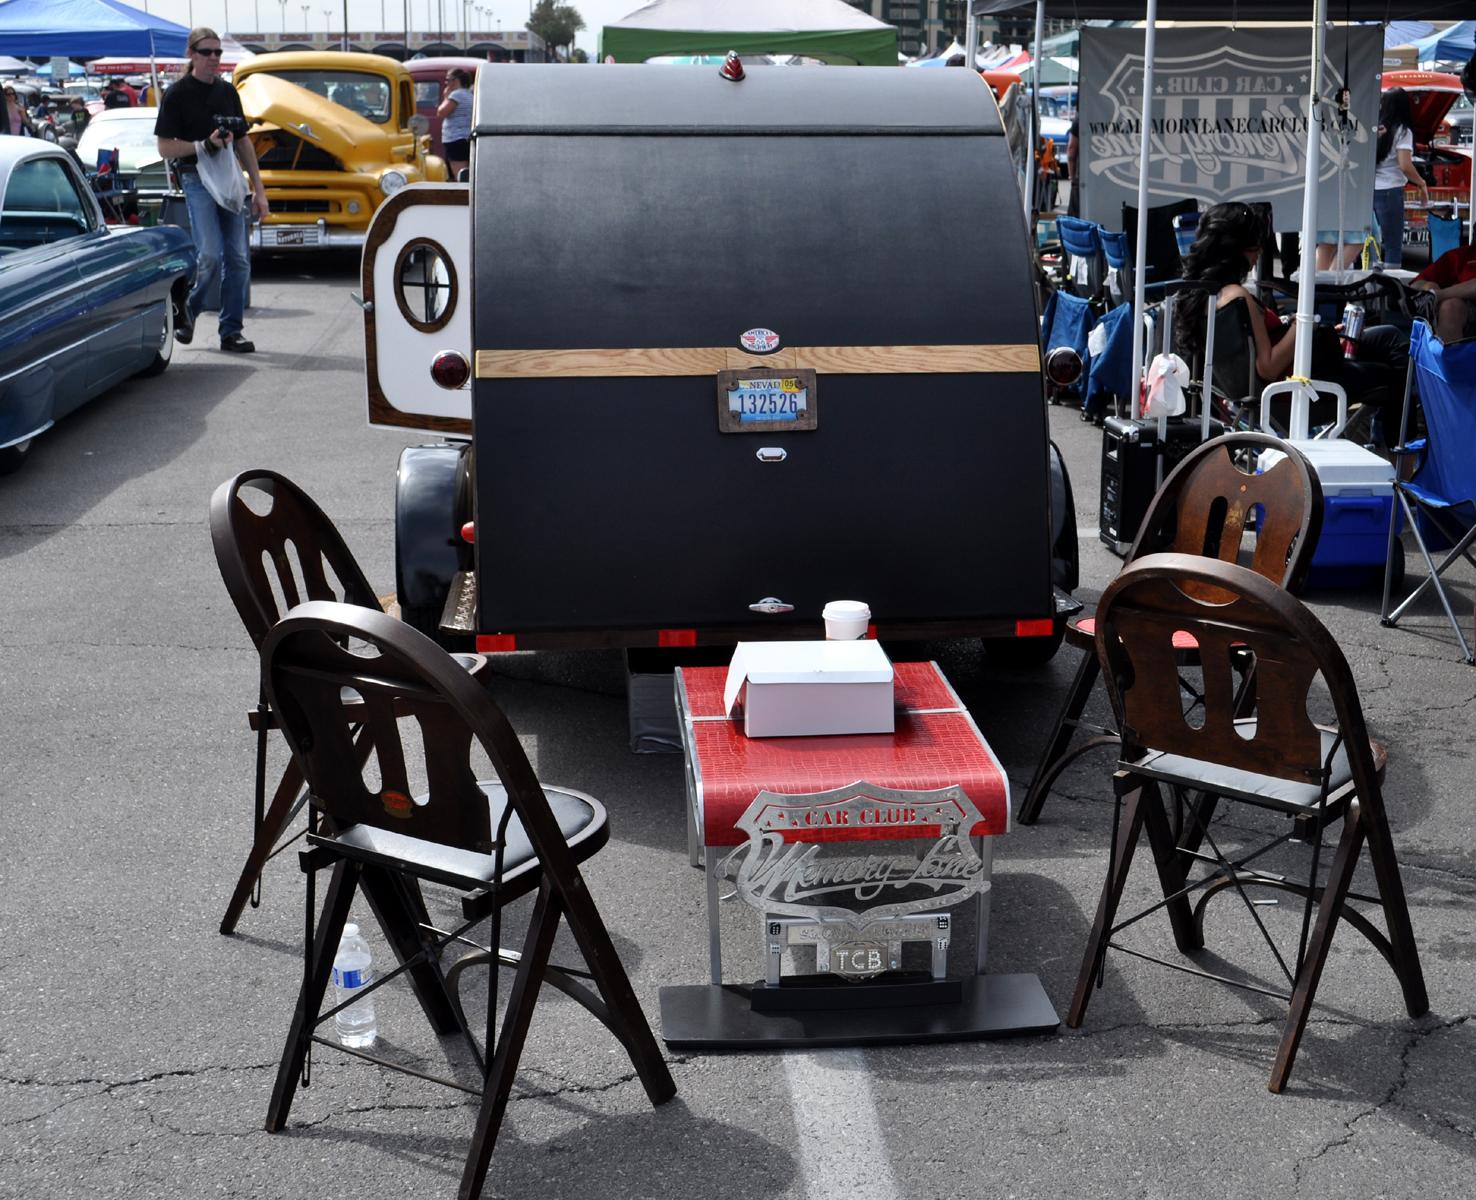 Karsoo Cool Camping Set At Viva Las Vegas